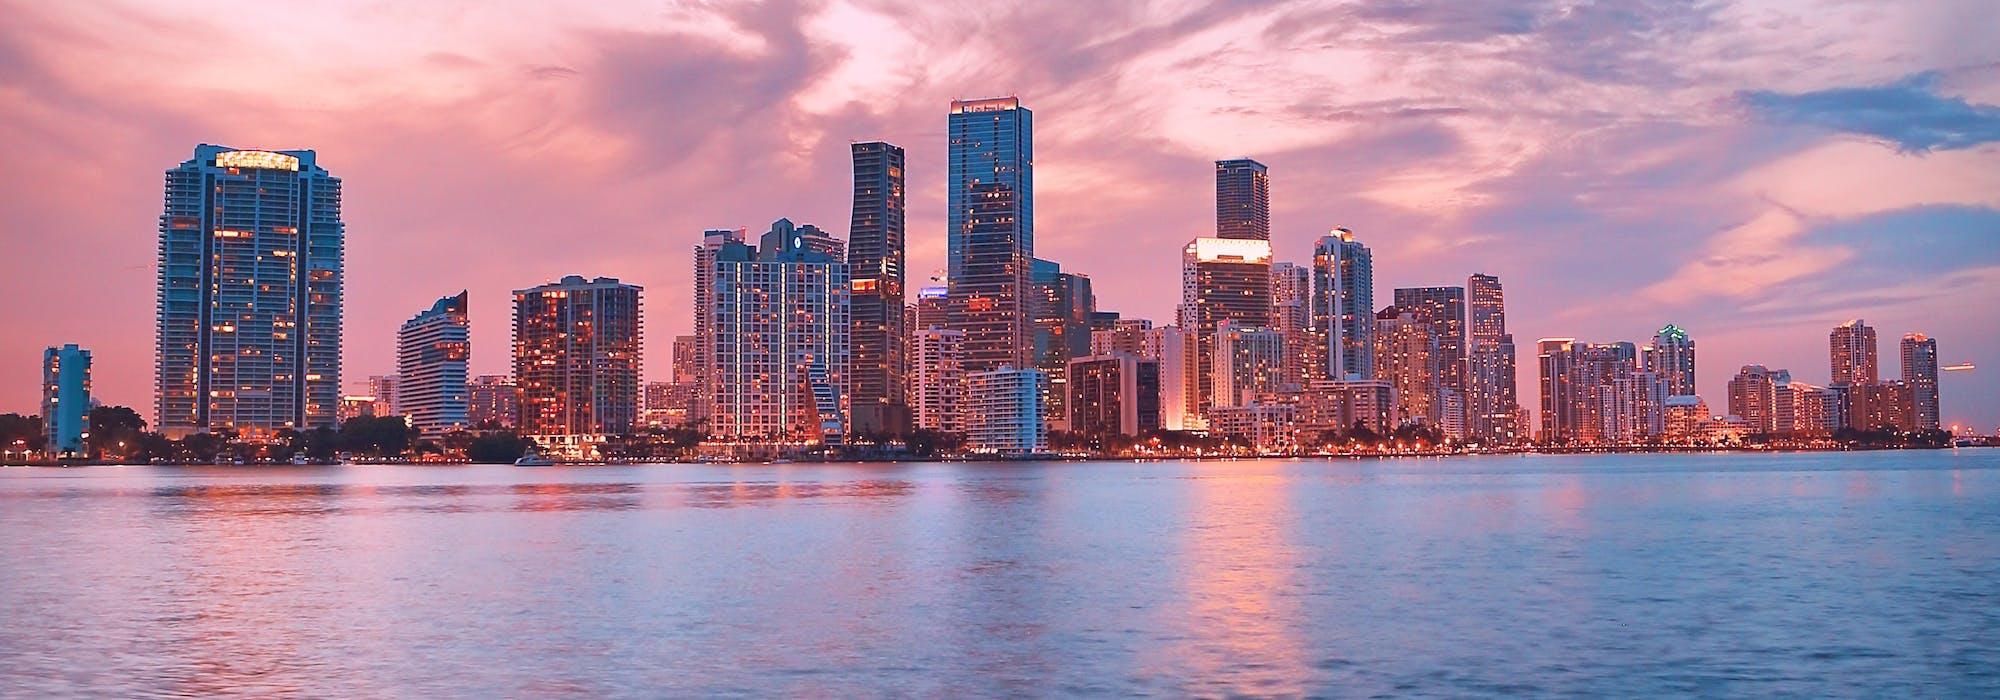 Bild på Miamis skyskrapor tagen från vattnet.